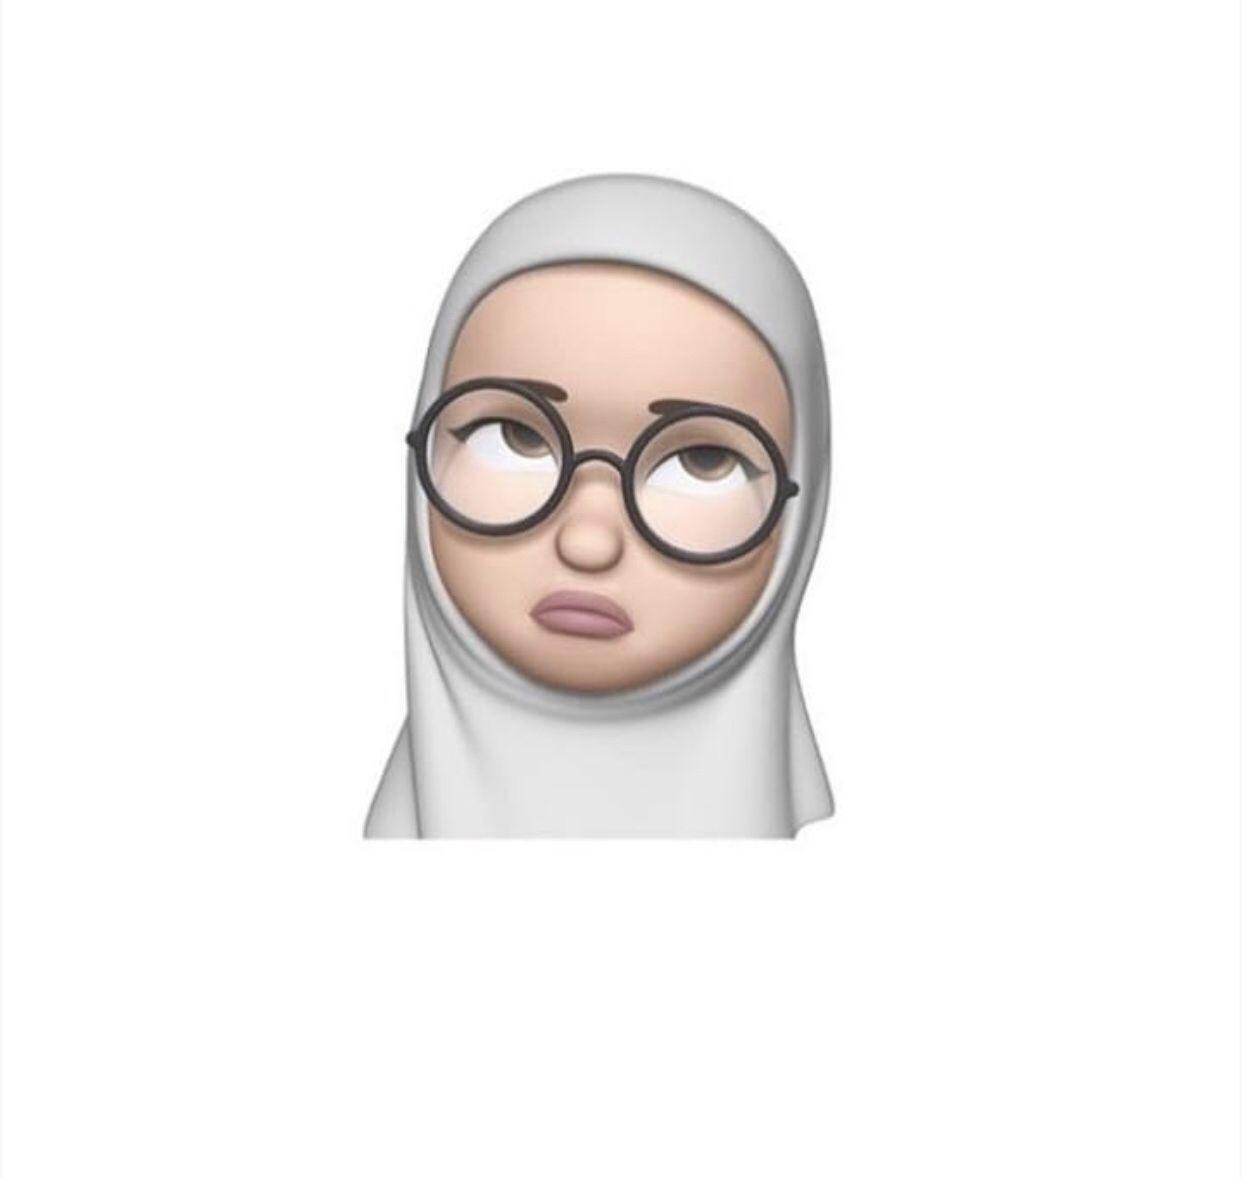 Zepeto Jilbab Seni Islamis Ilustrasi Lucu Animasi Desain Karakter